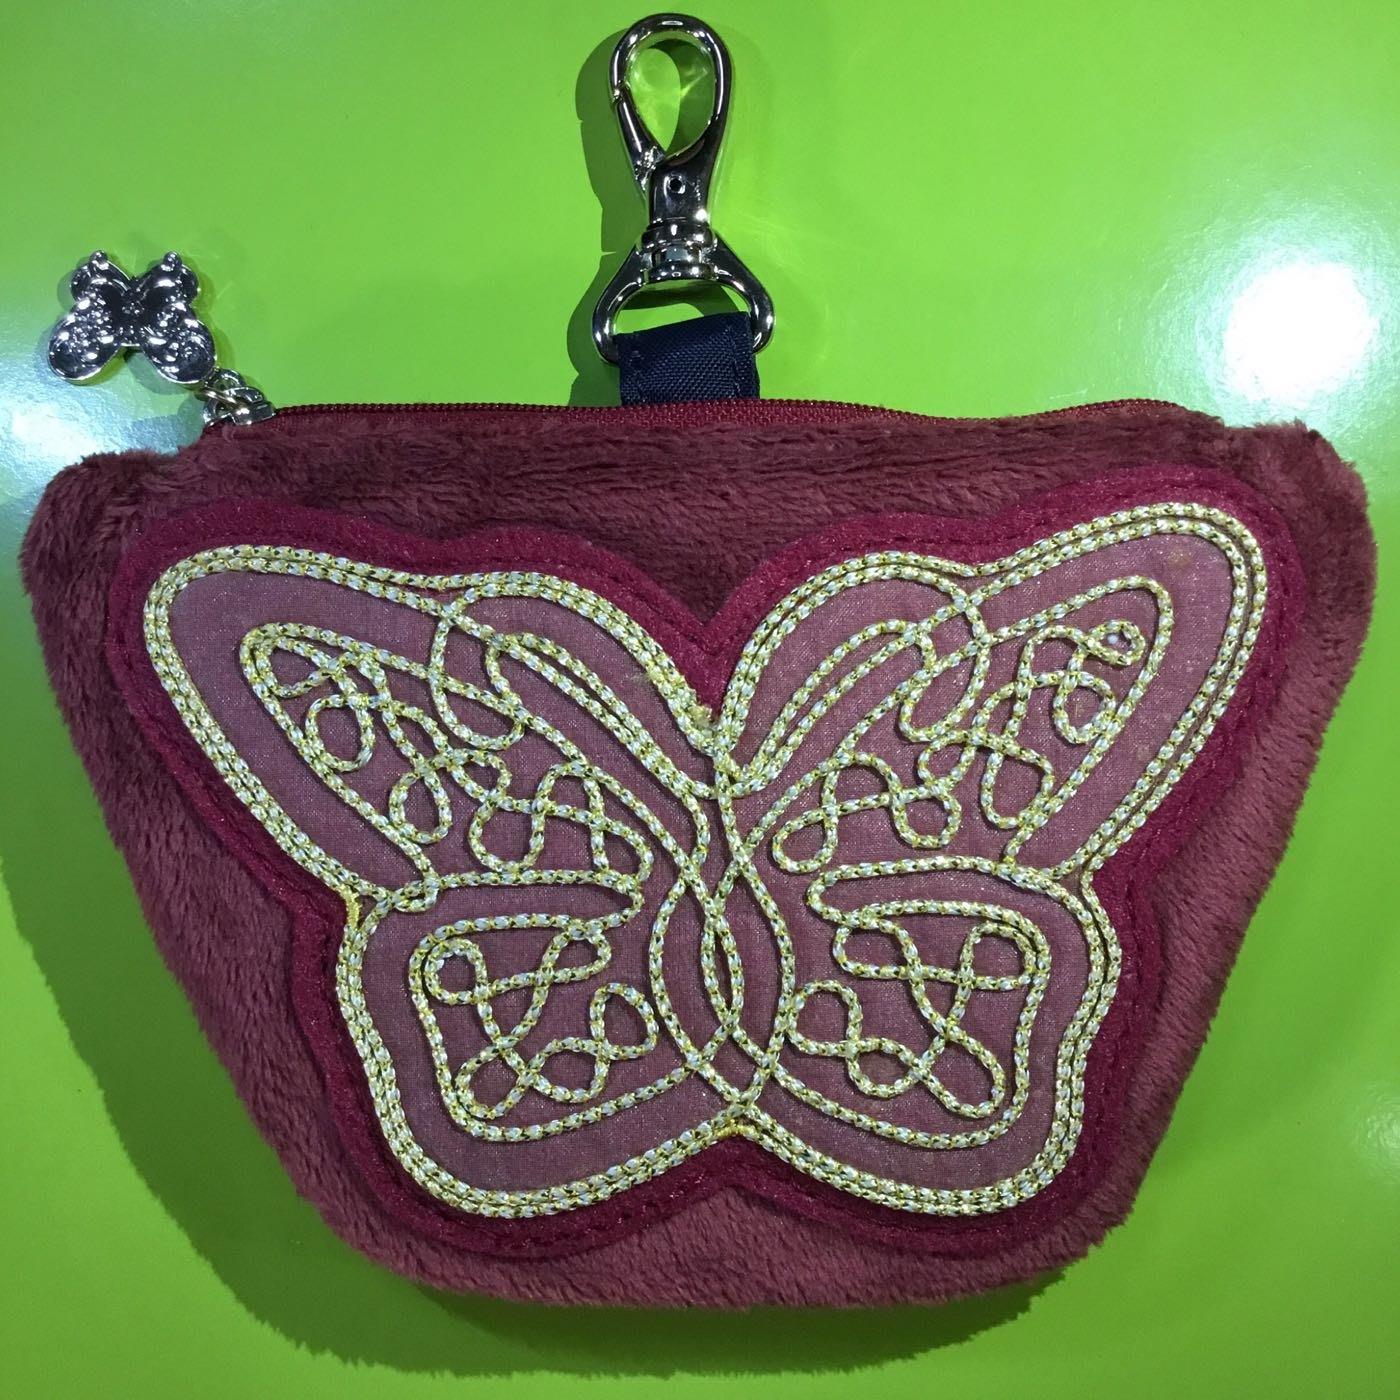 Anna Sui全新正品酒紅色絨毛布面蝴蝶手拿包吊掛零錢包收納包化妝包